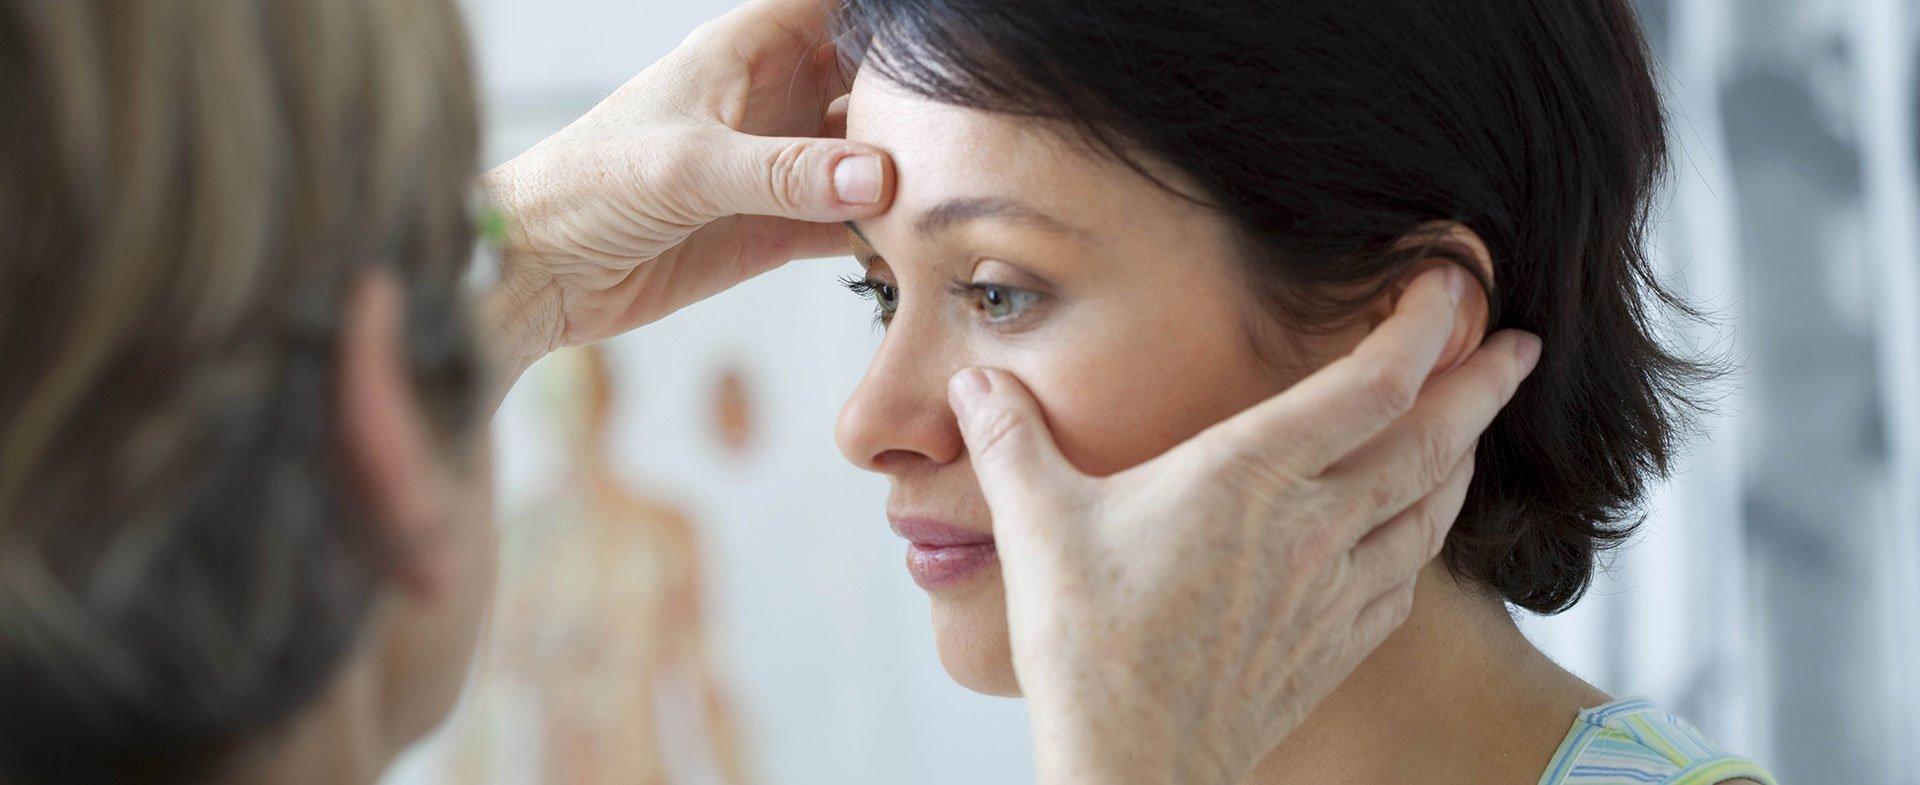 Arcüreggyulladás – miért alakul ki?